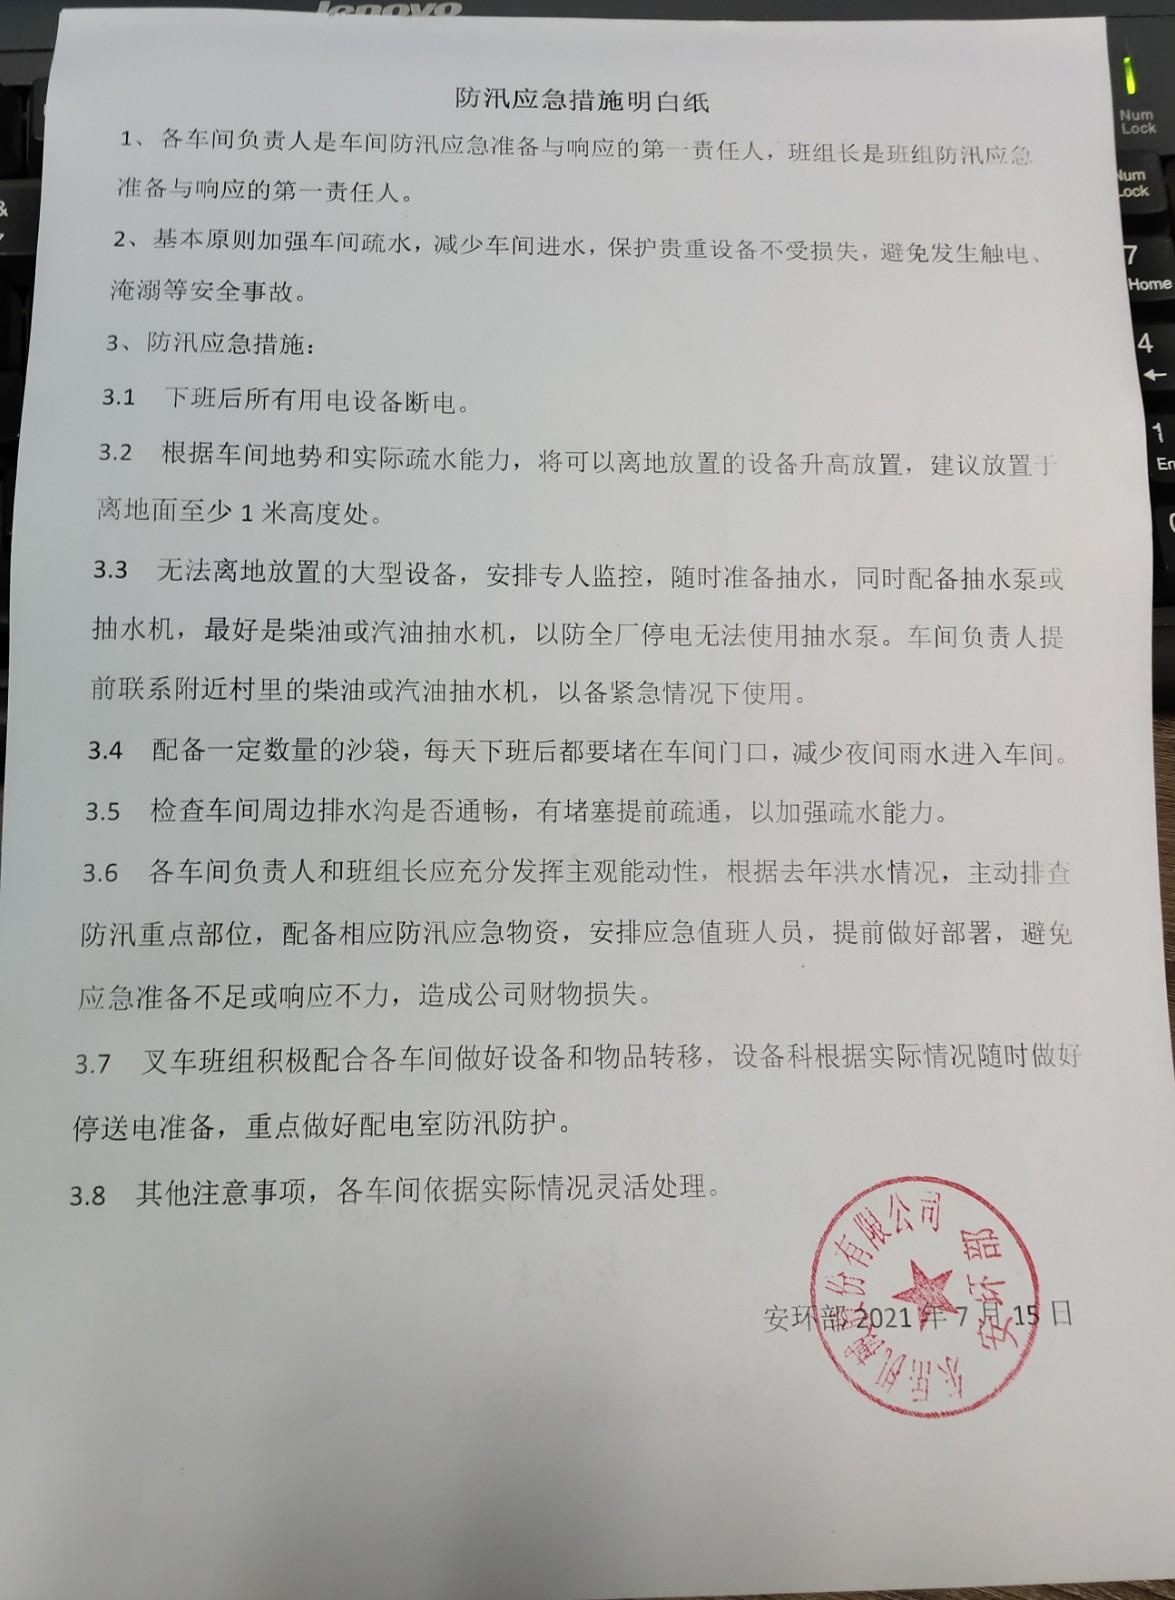 东岳机械安环外联中心召开防汛应急会议